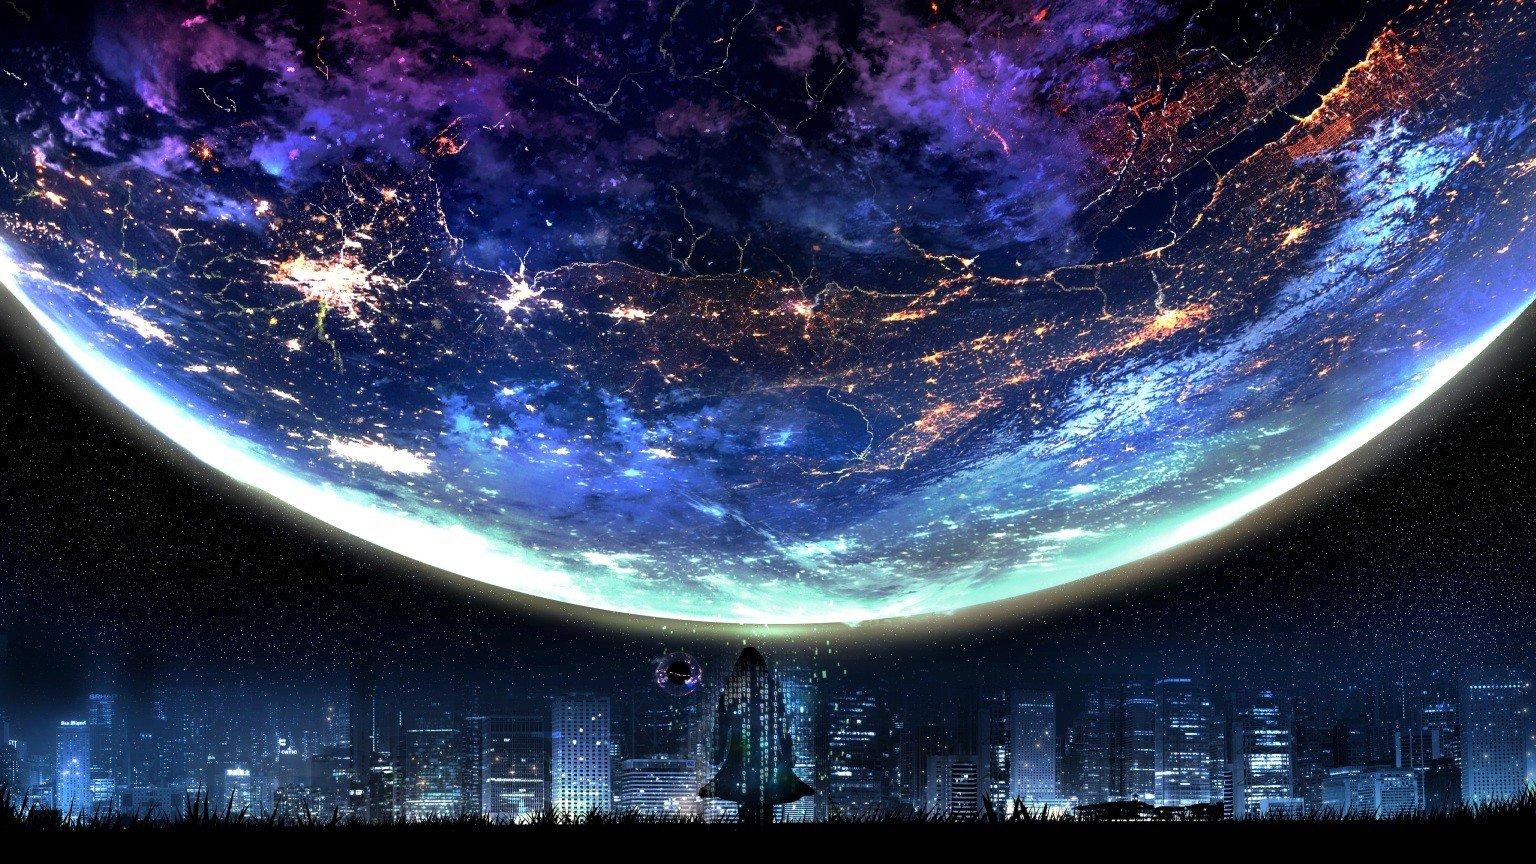 Masaüstü : 1536x864 Piksel, Şehir Manzarası, Ay, Gece